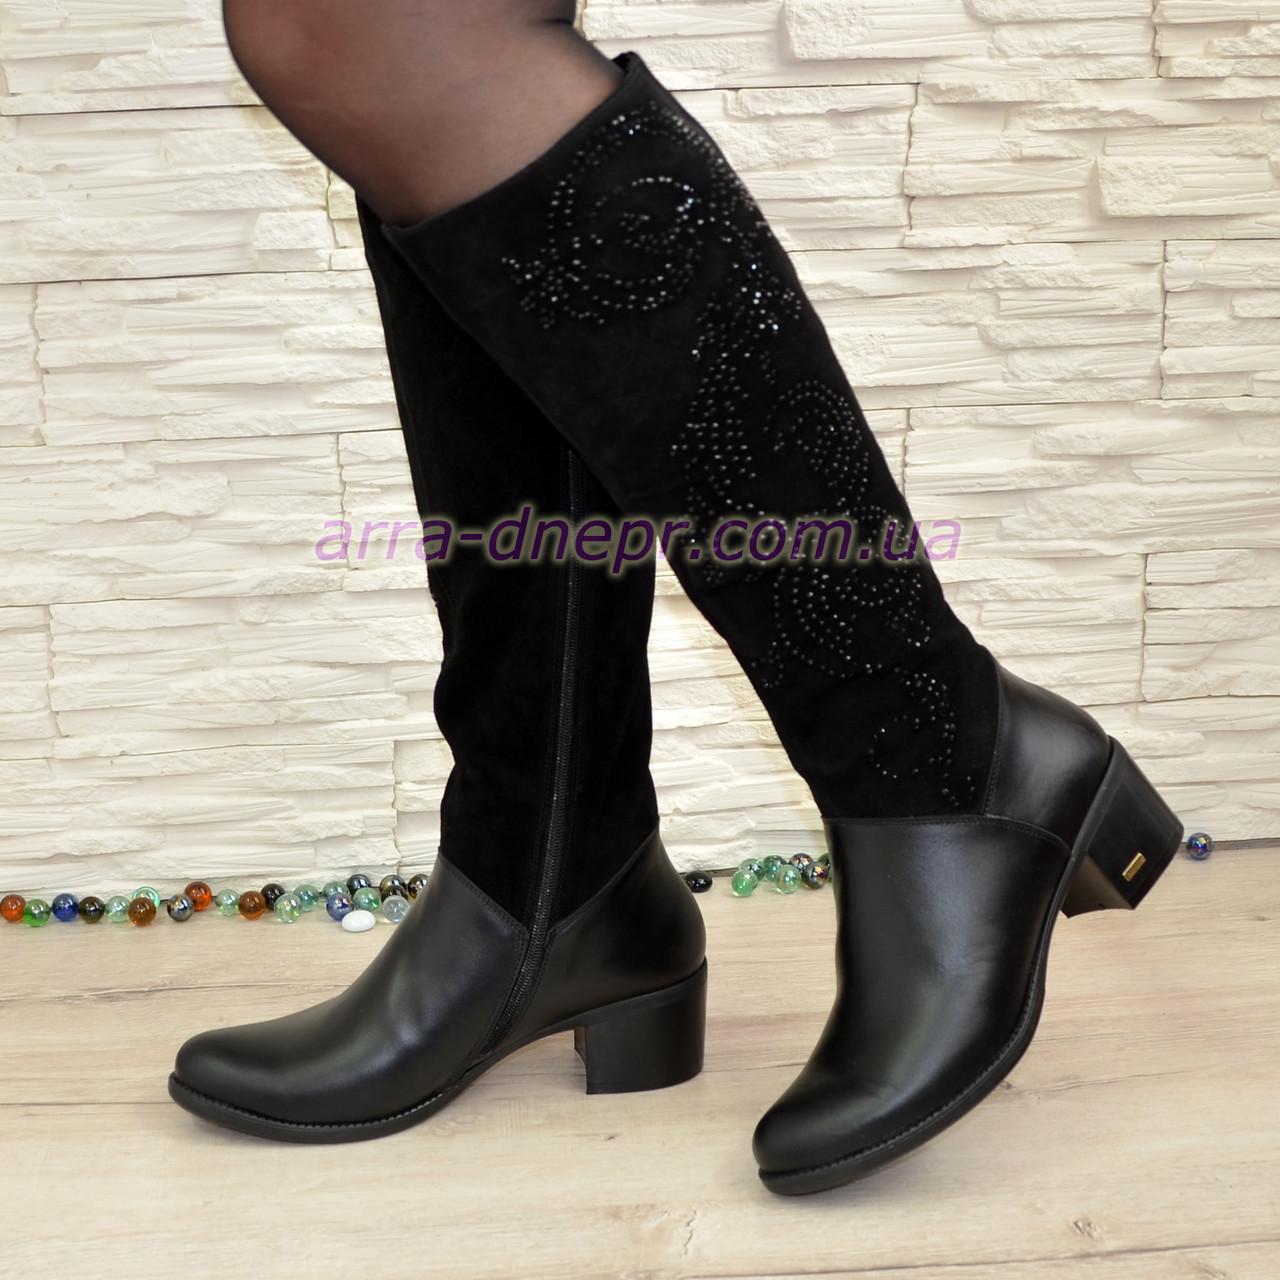 Женские сапоги демисезонные на каблуке, натуральная кожа и замша.